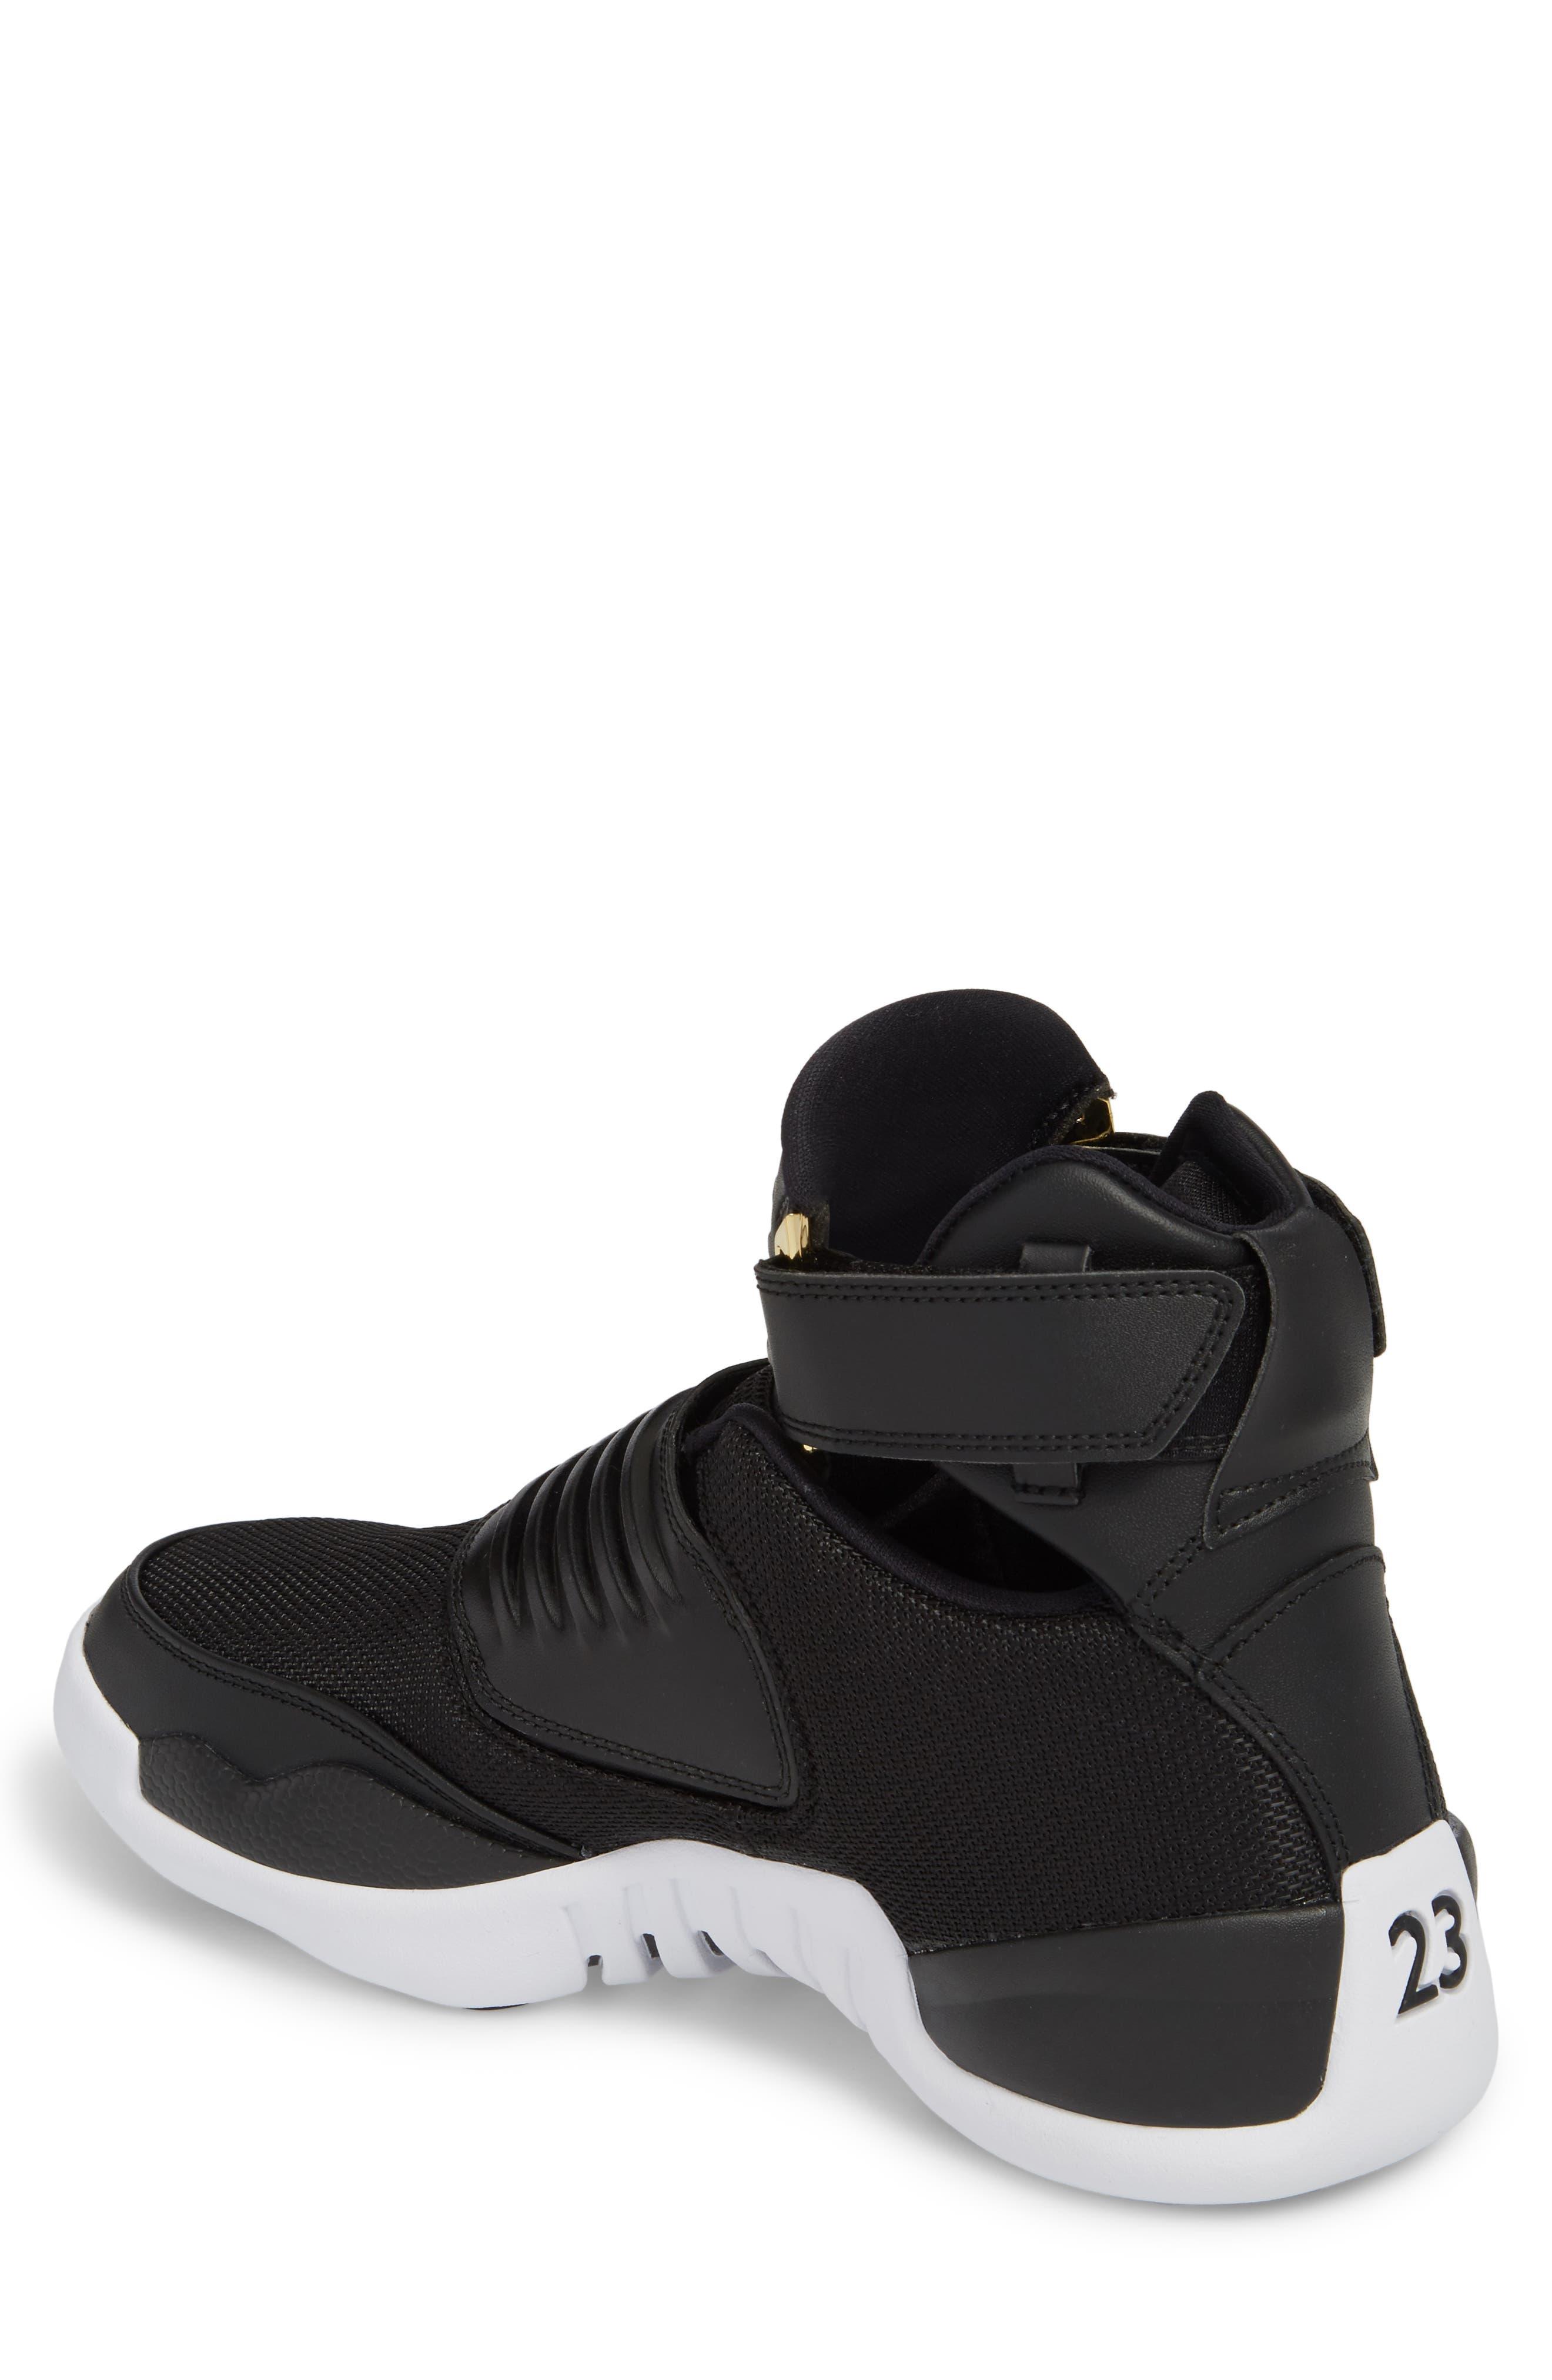 Jordan Generation High Top Sneaker,                             Alternate thumbnail 3, color,